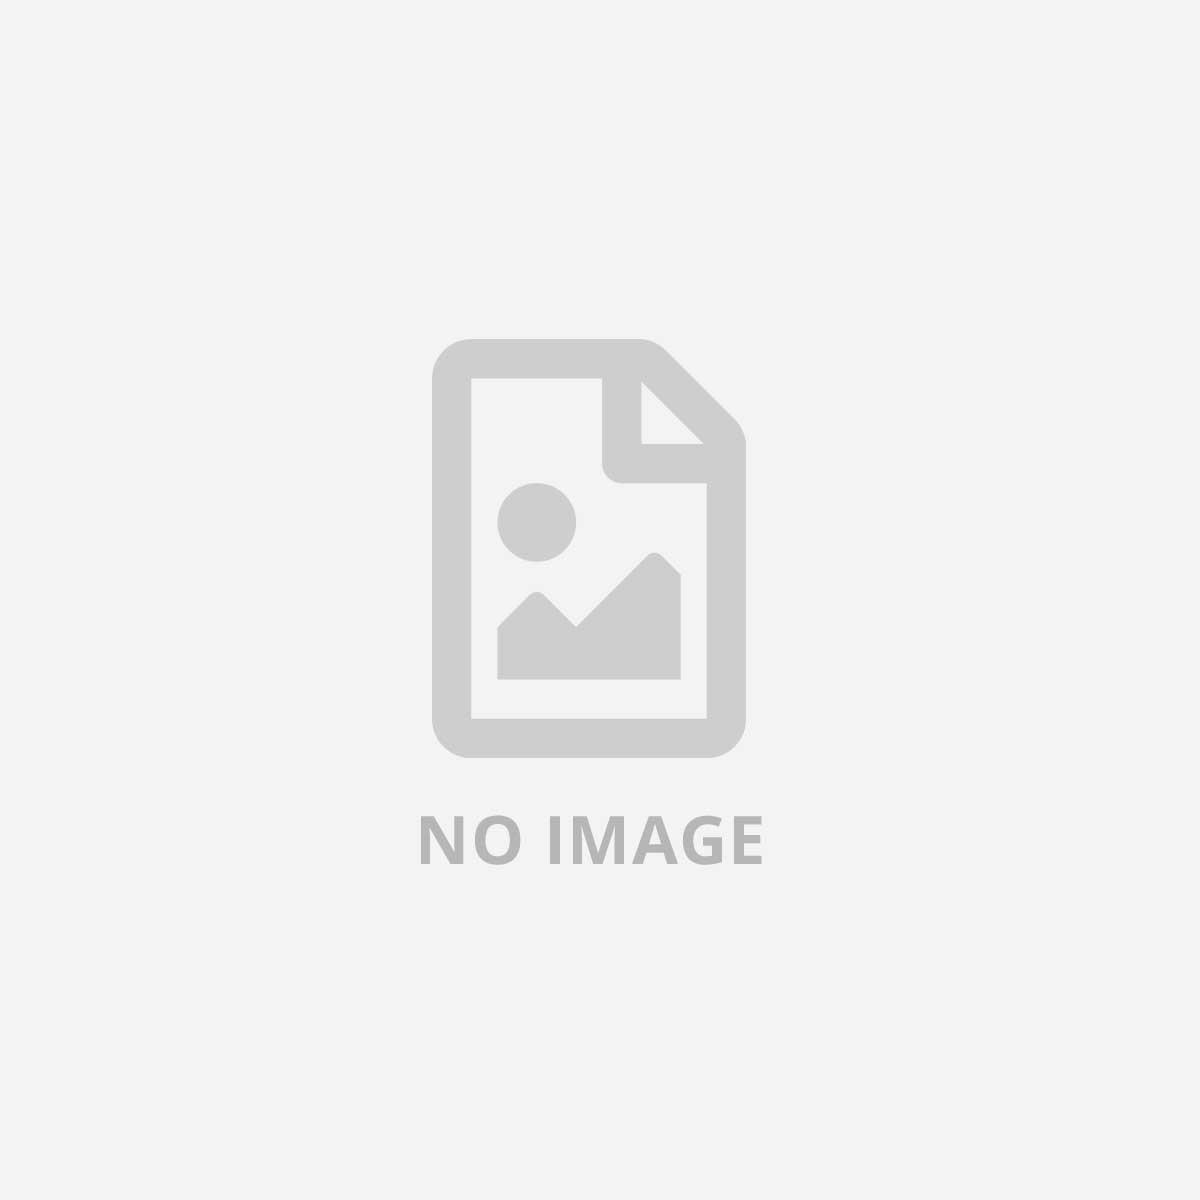 FUJIFILM LTO 5 ULTRIUM 1 5-3TB WORM NO ETICH